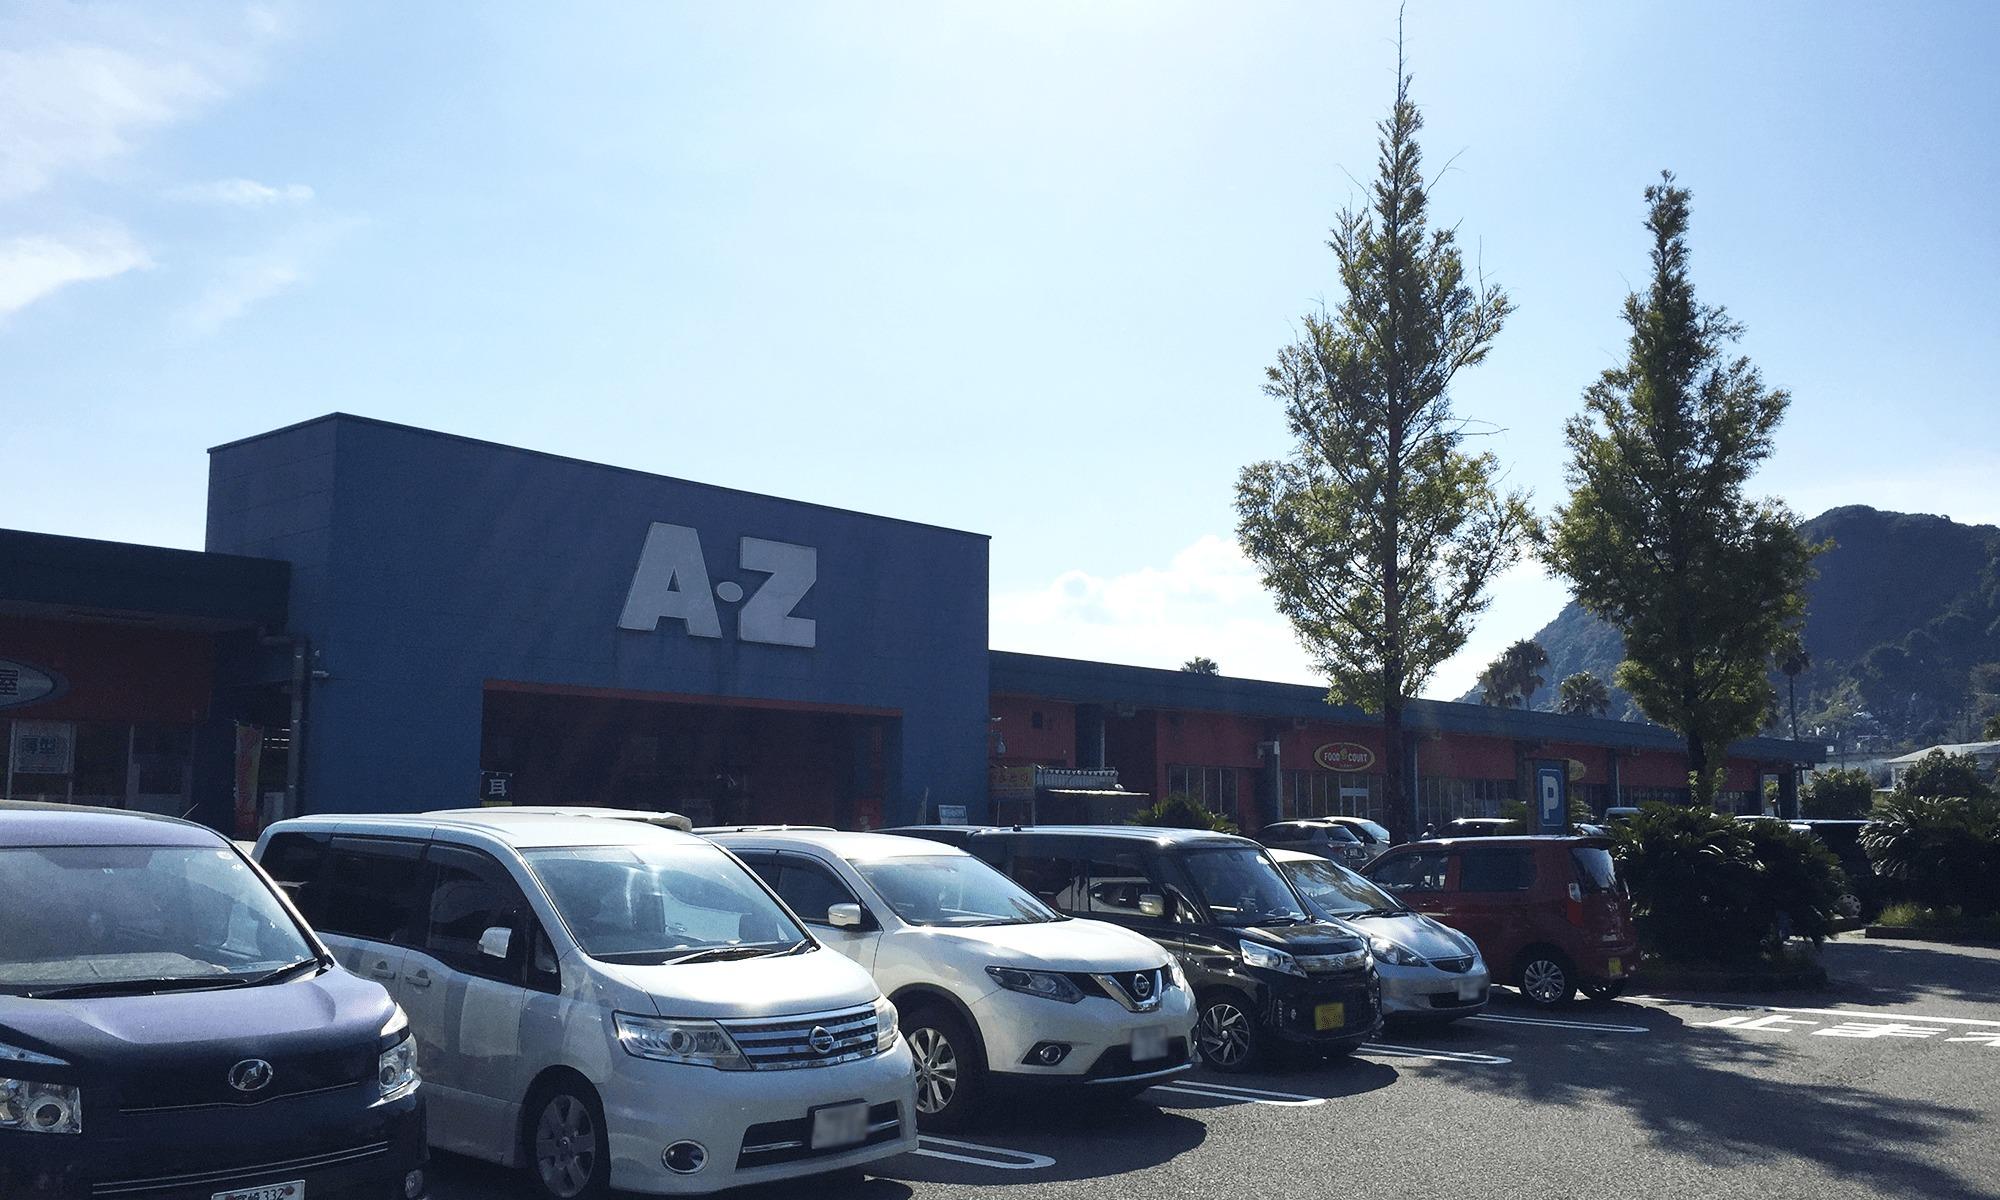 24時間営業の巨大スーパーセンター「A-Zはやと」